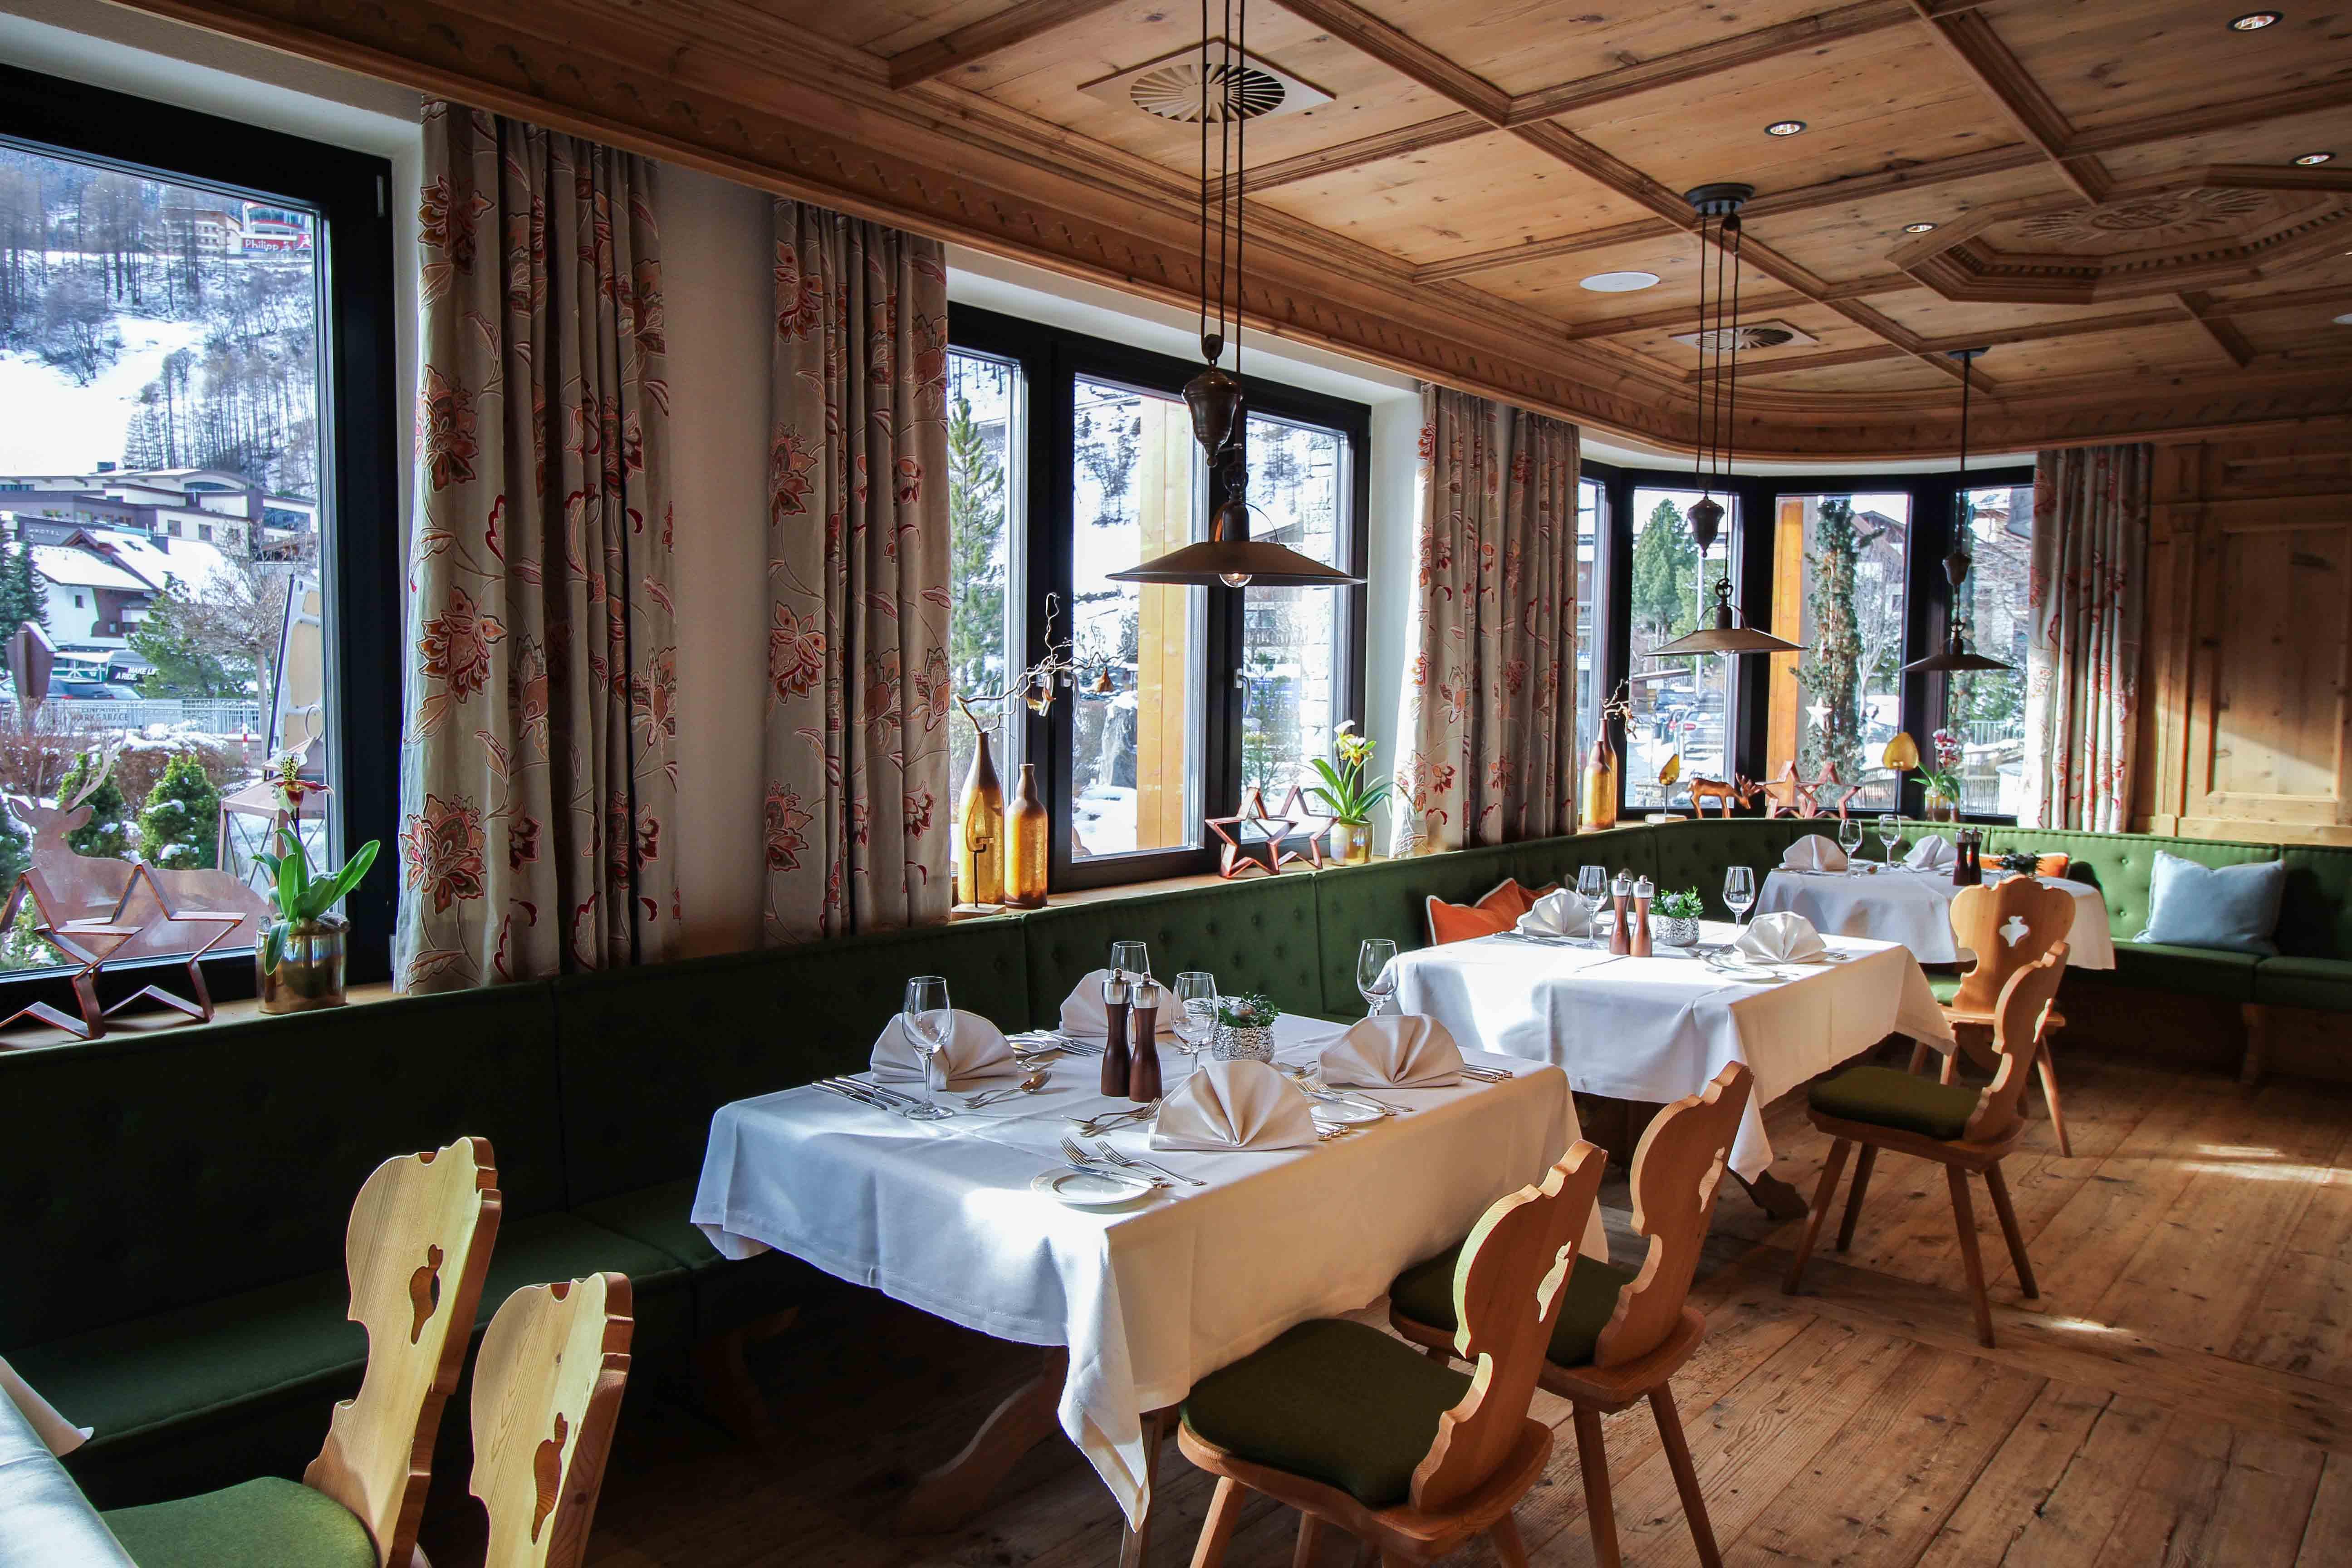 Gourmethotel Sölden modernes Restaurant Feinspitz Das Central Sölden Luxushotel Sölden Tirol Österreich Winterurlaub Reiseblog